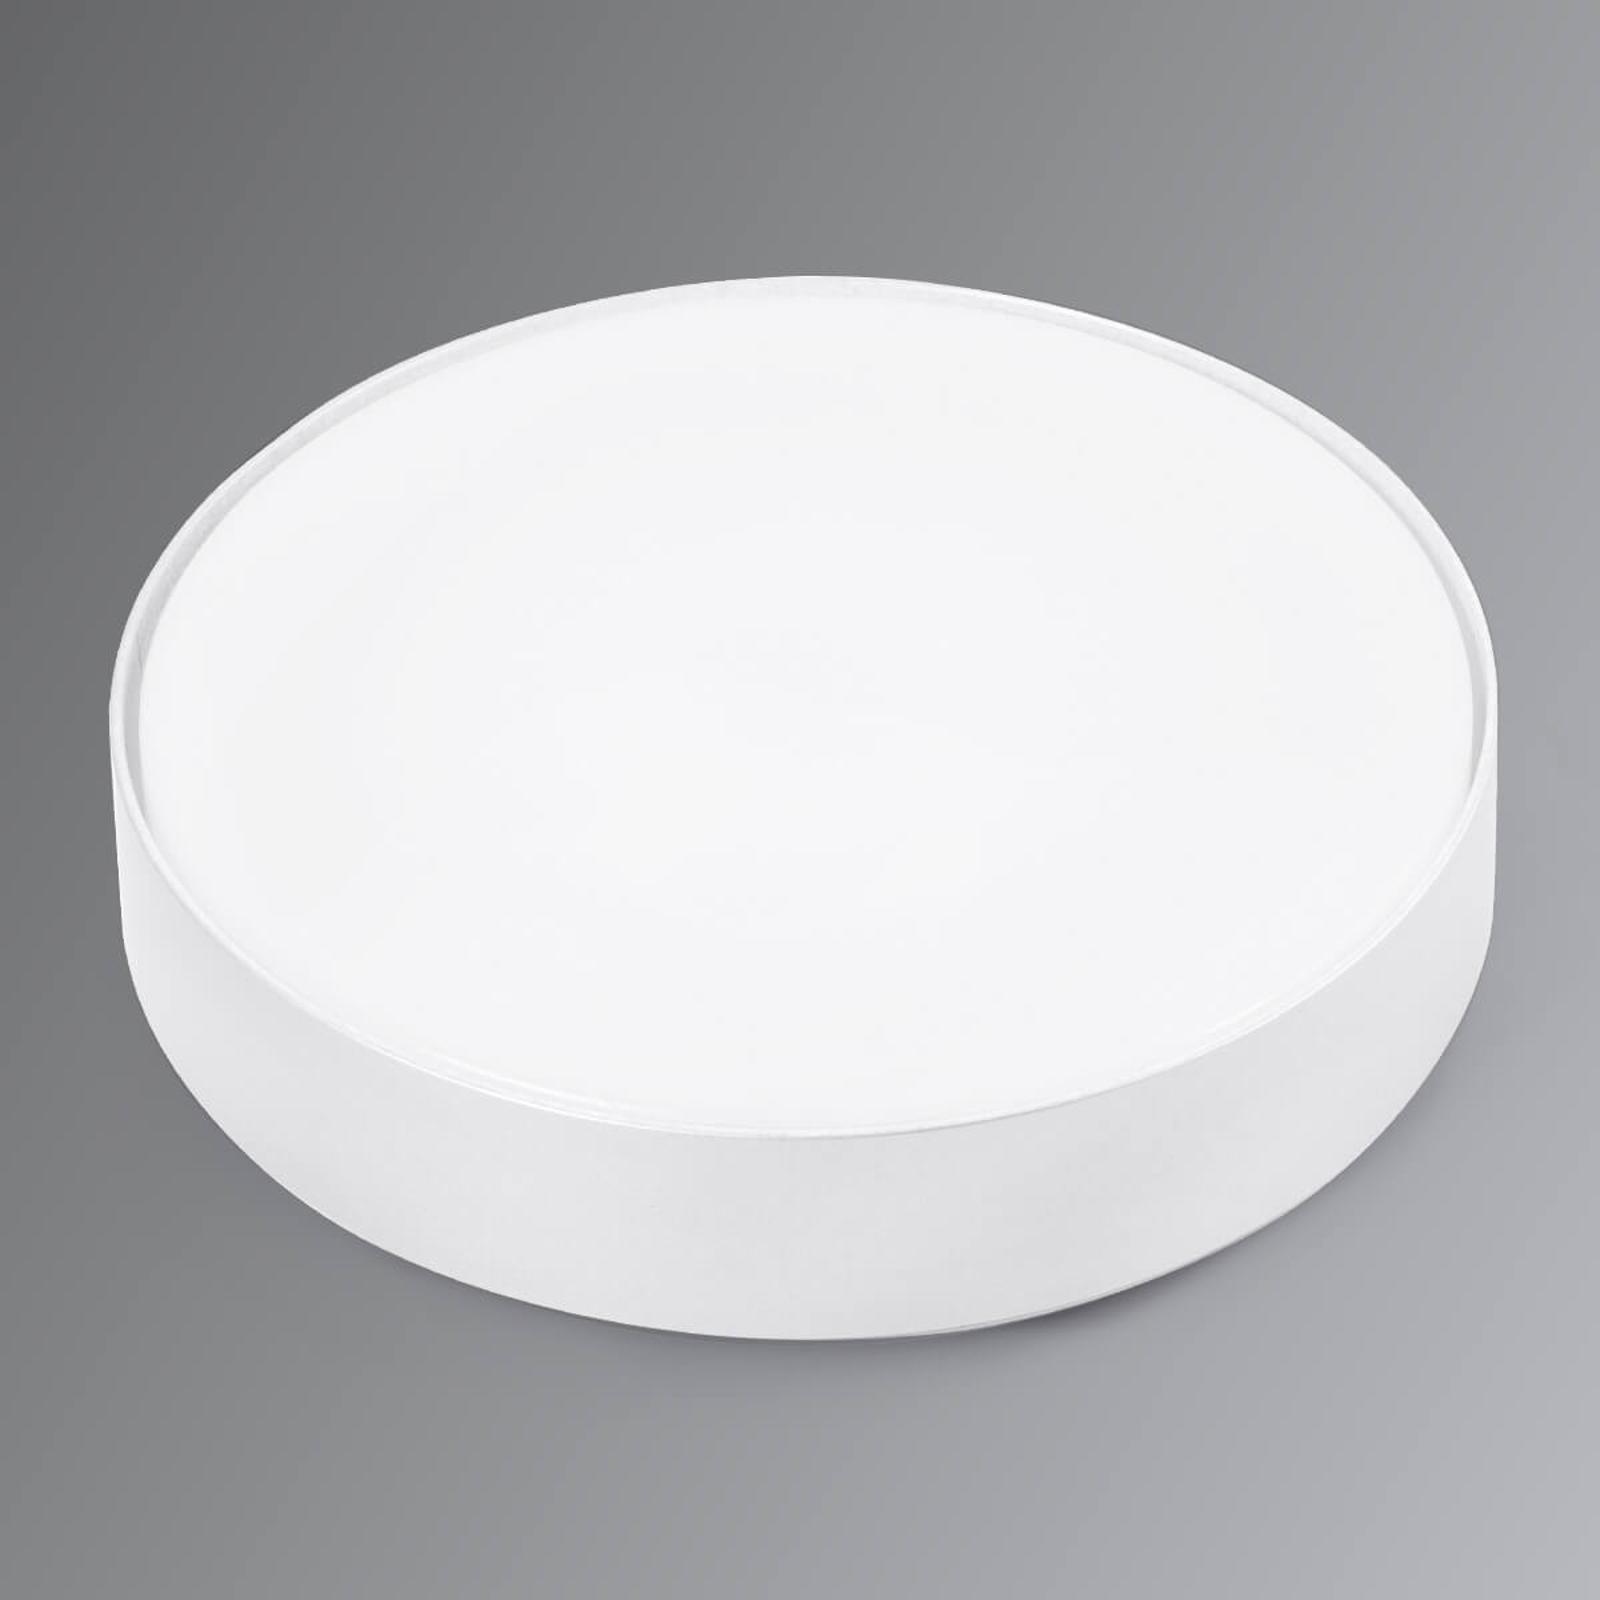 LED lyssett for takviften Winche